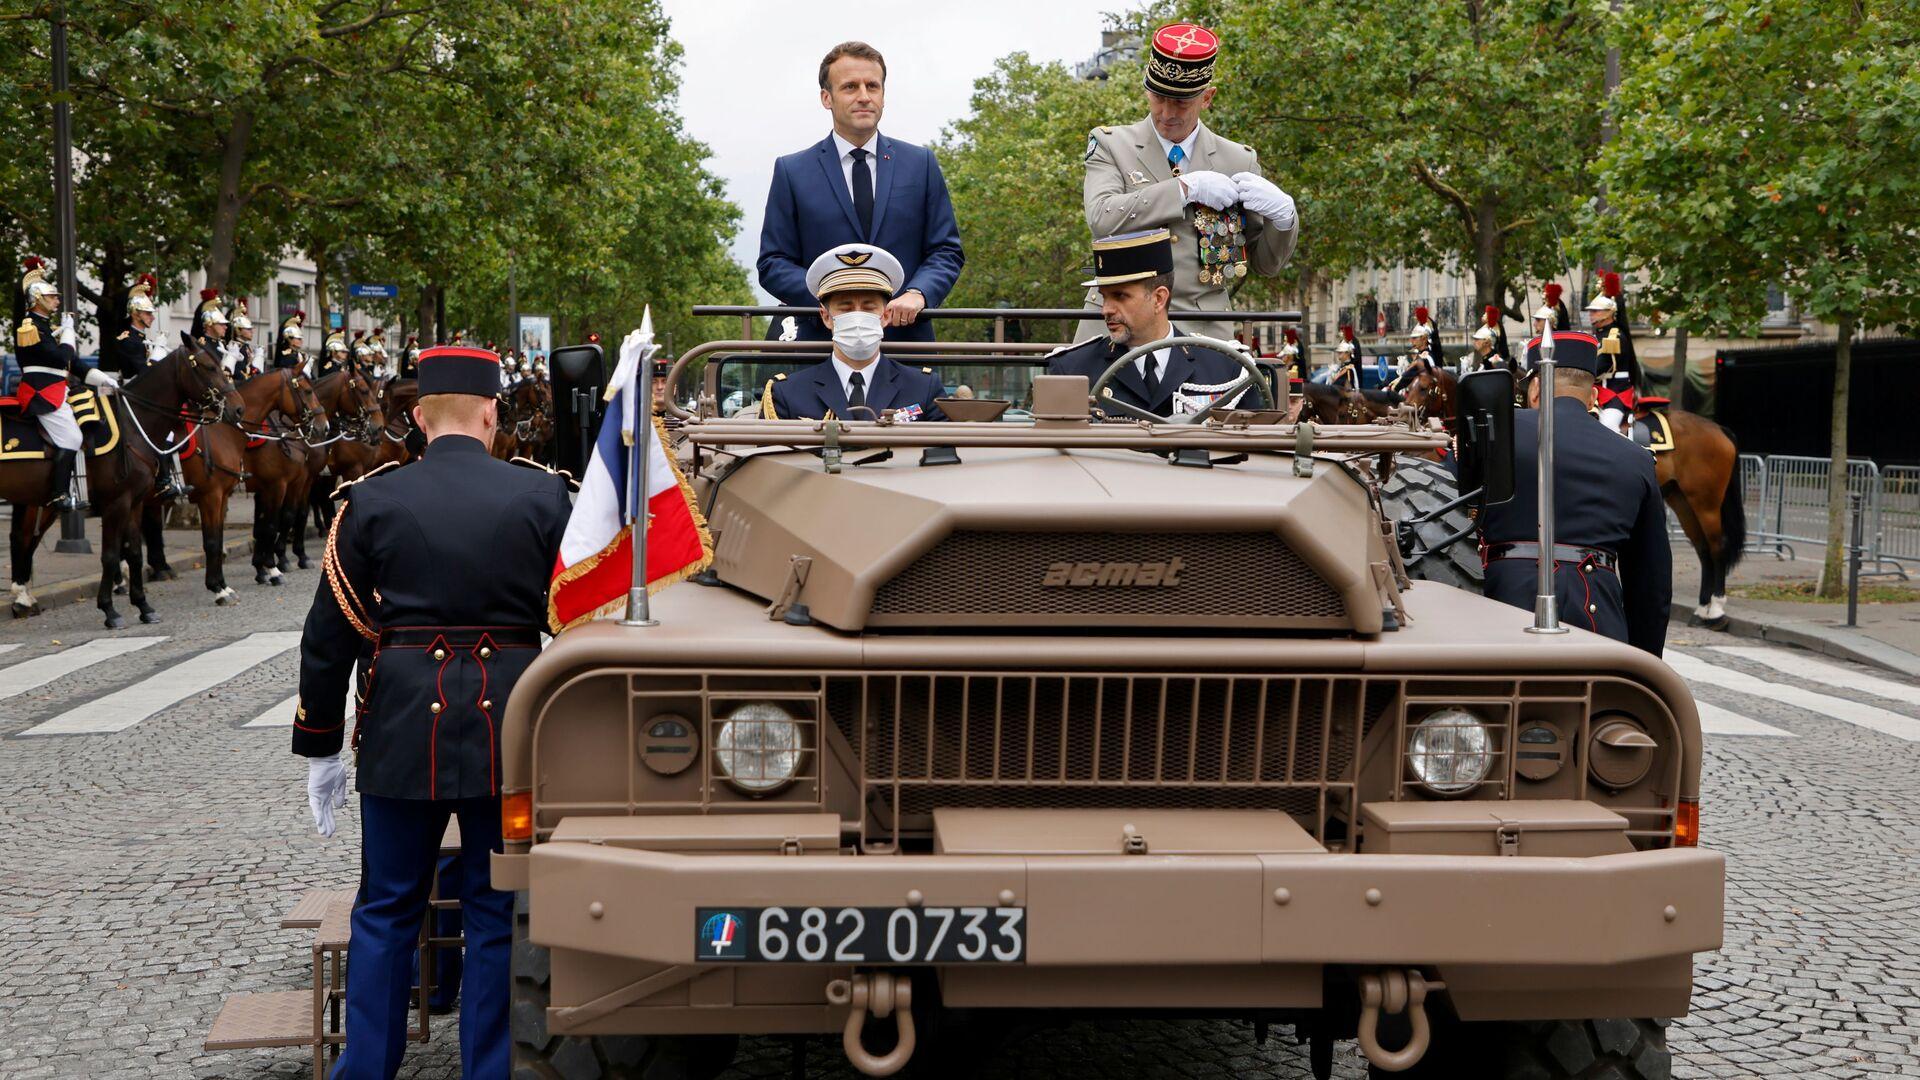 Prezydent Francji Emmanuel Macron i generał Francois Lecointeur na paradzie z okazji Dnia Bastylii  - Sputnik Polska, 1920, 14.07.2021